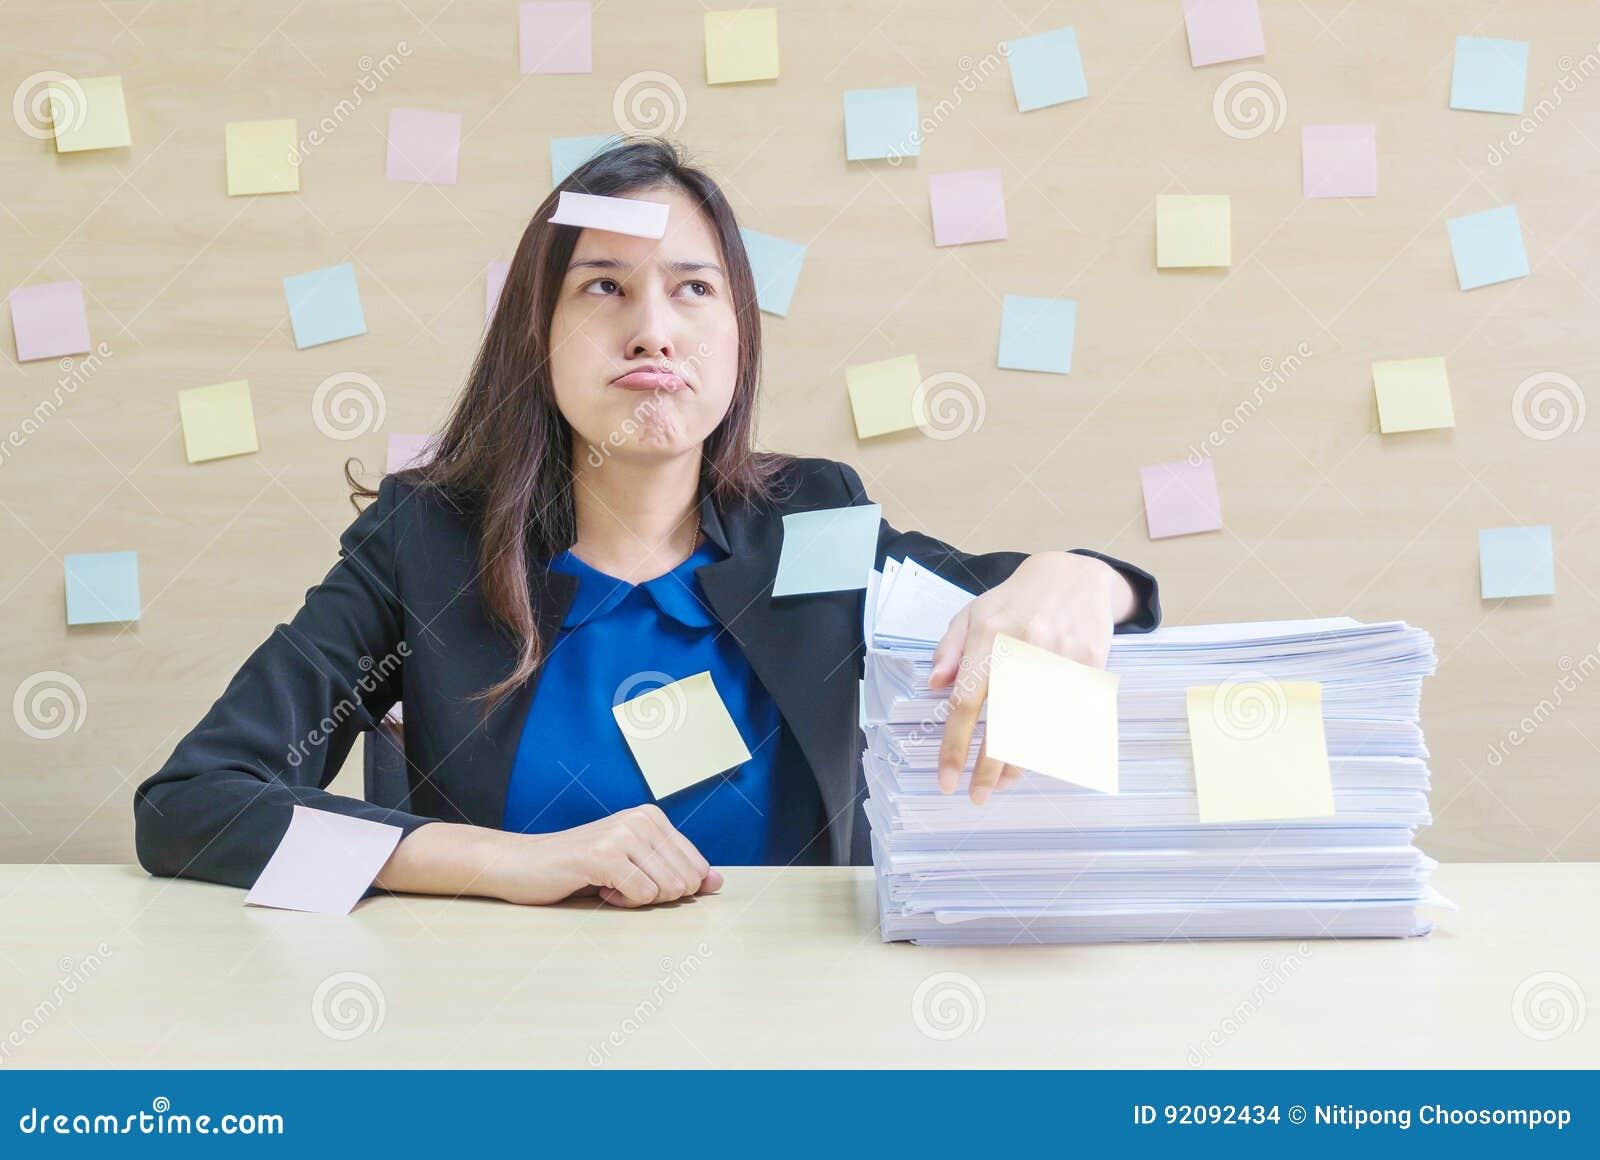 Nahaufnahmeberufstätige frau bohren vom Stapel der harten Arbeit und des Arbeitspapiers vor ihr im Arbeitskonzept auf unscharfem